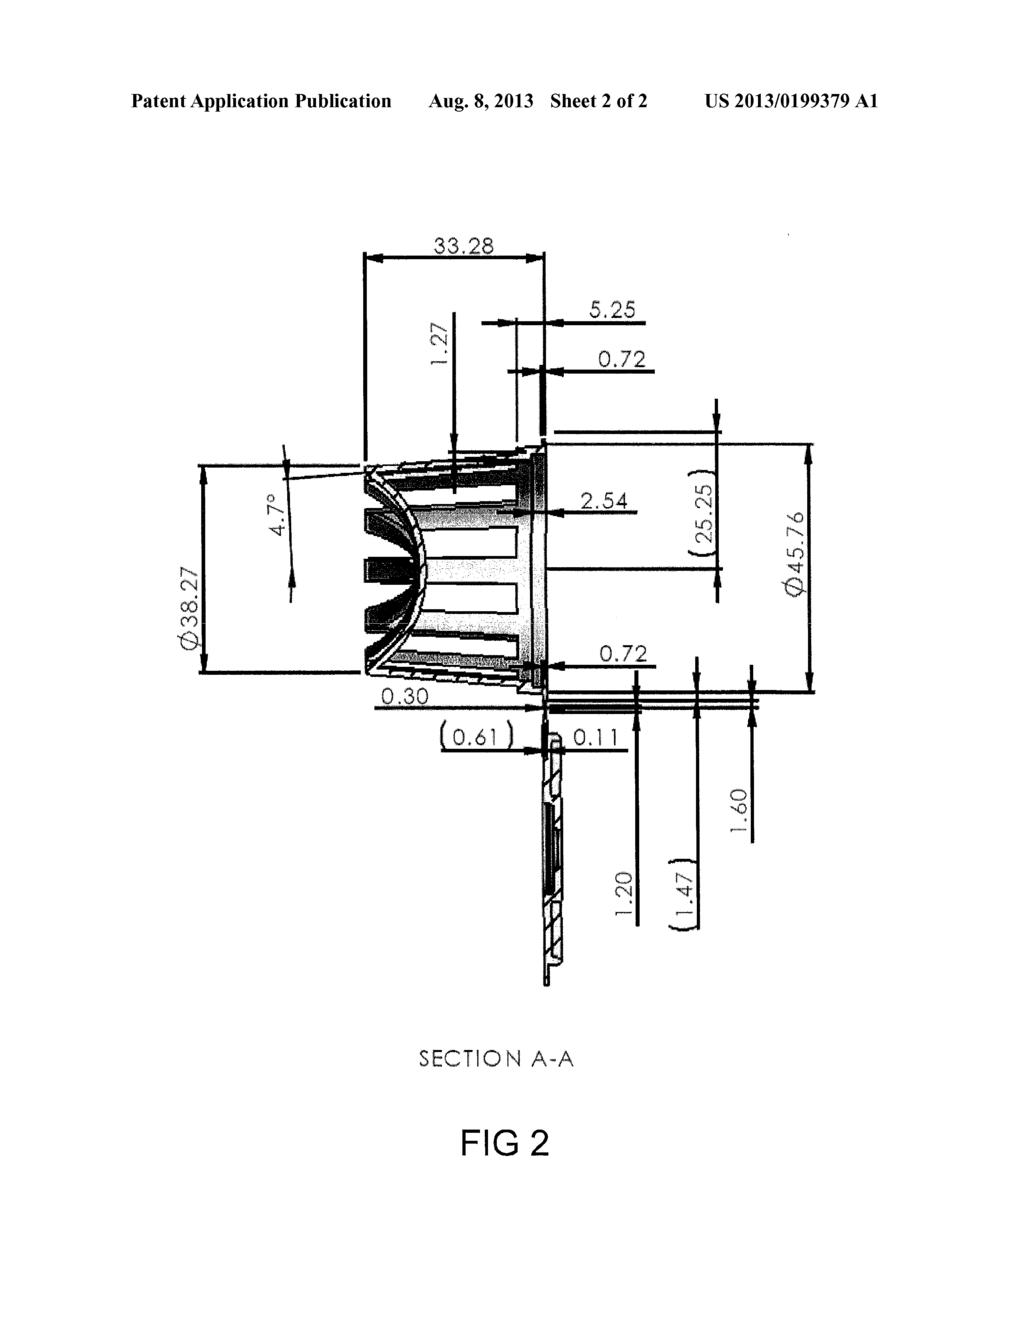 k schematic  u2013 the wiring diagram  u2013 readingrat net